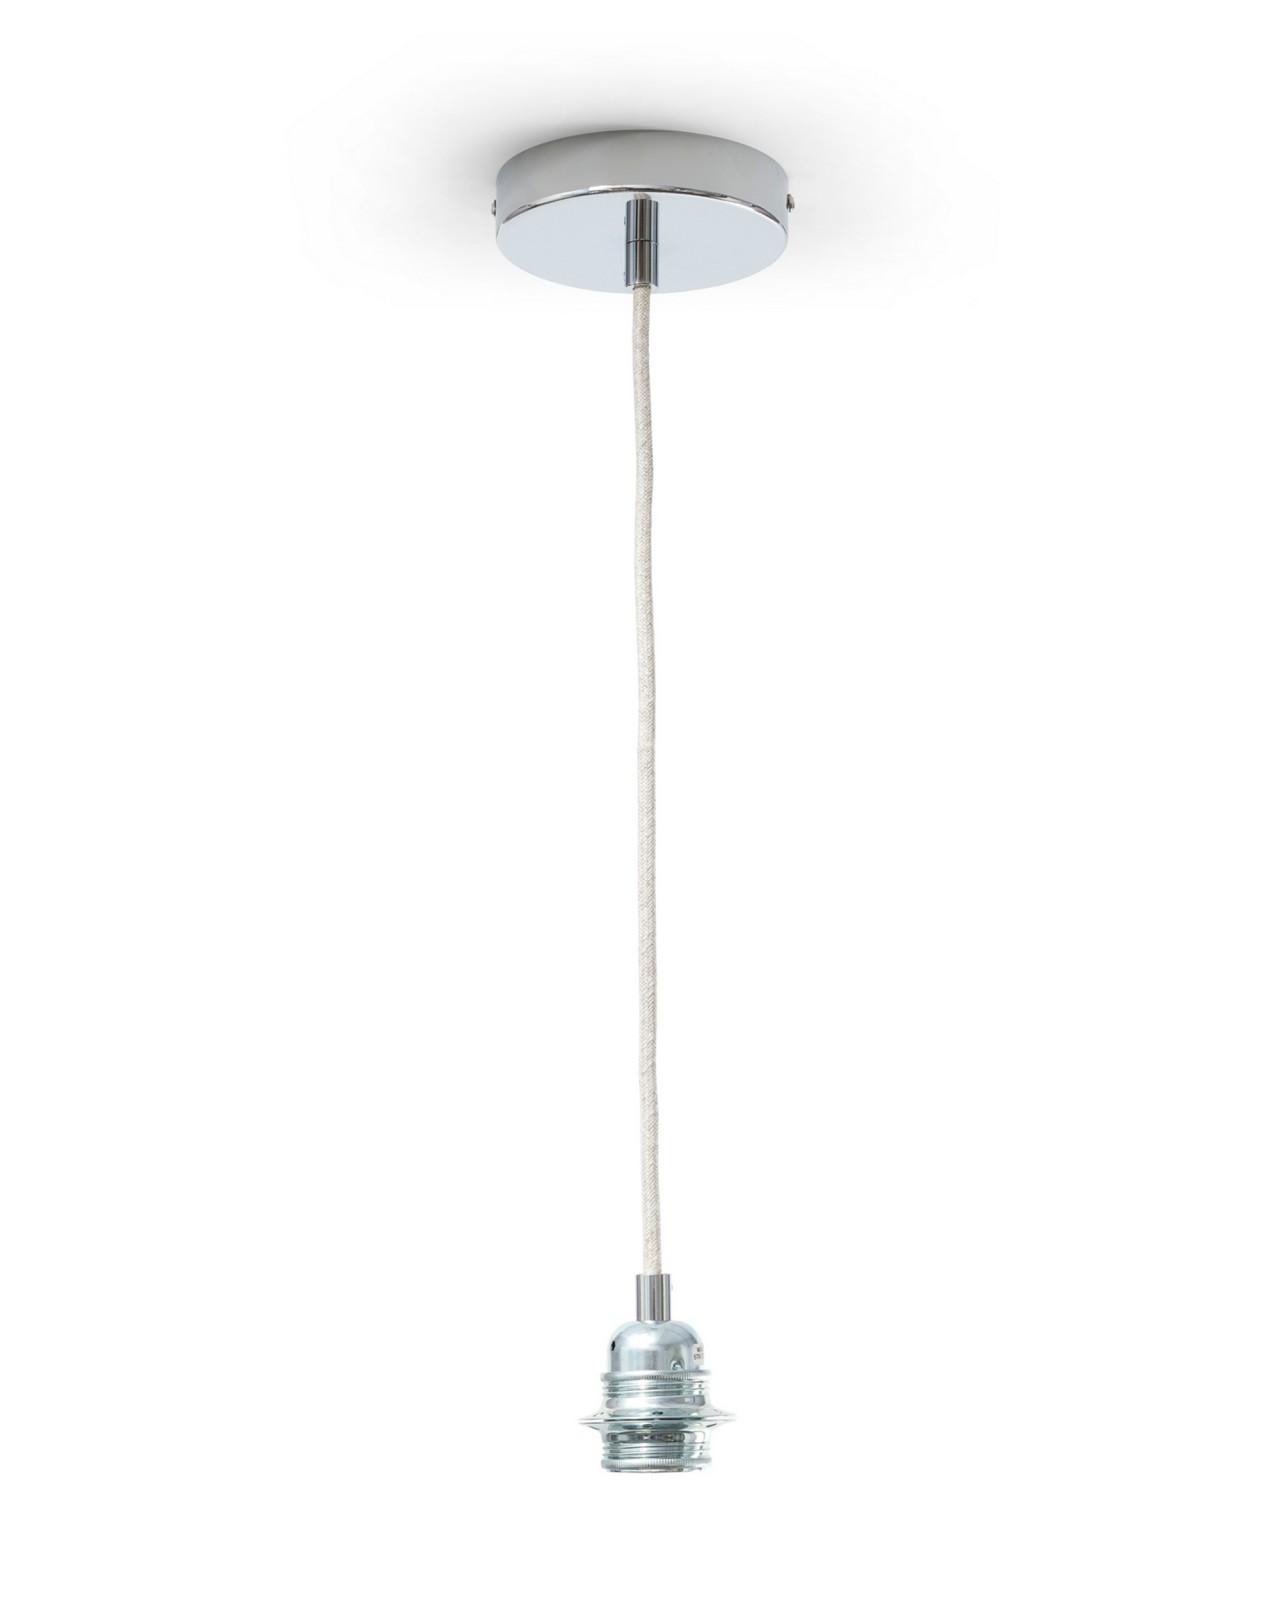 BUCCANEERS OF BAHAMAS Pendant Lamp